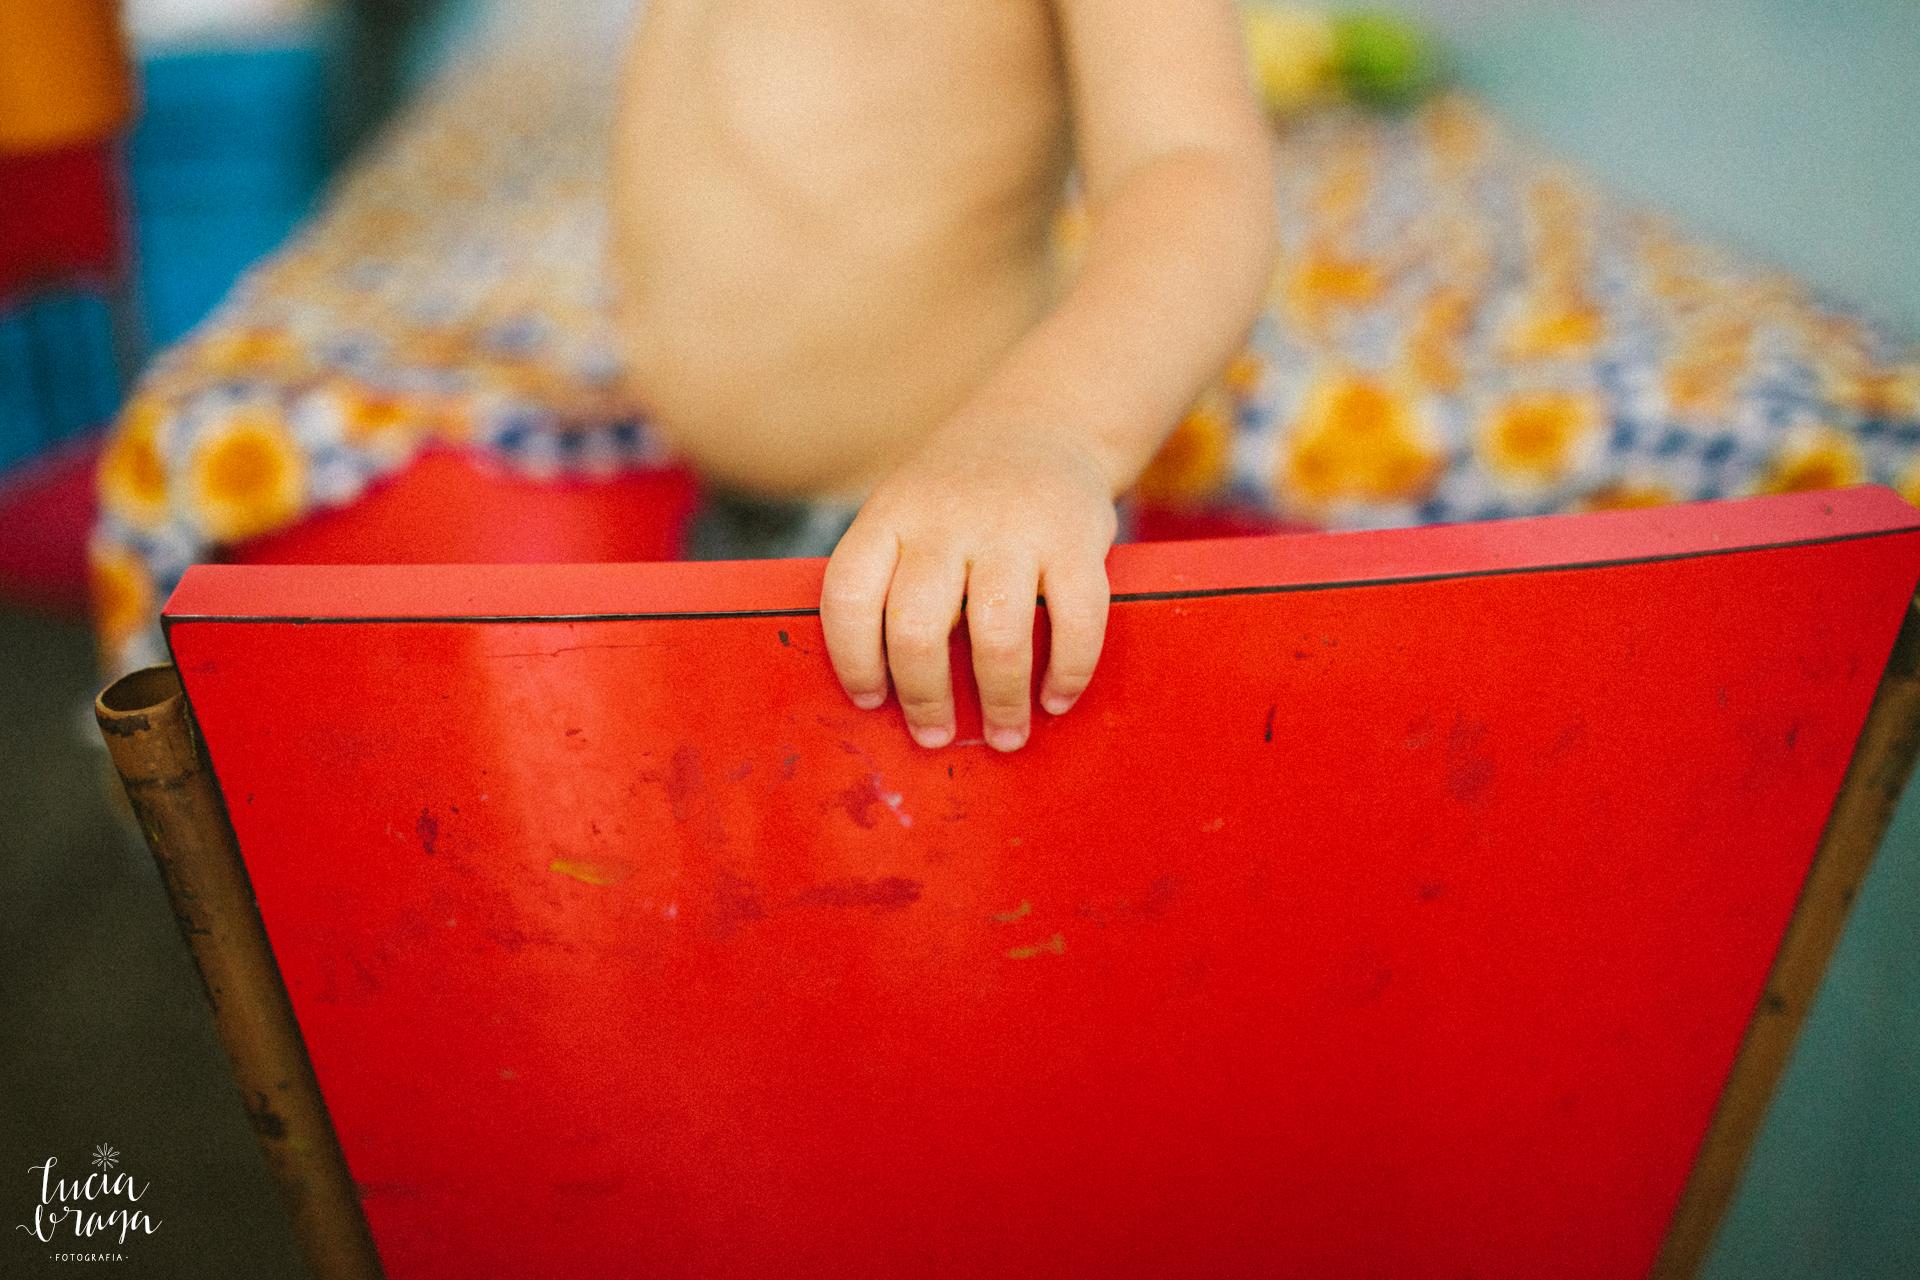 fotografia documental de familia, fotografo são paulo, fotografo minas gerais, fotografia de família, mãe e filho, real life, dia-a-dia, mão de bebê, cores